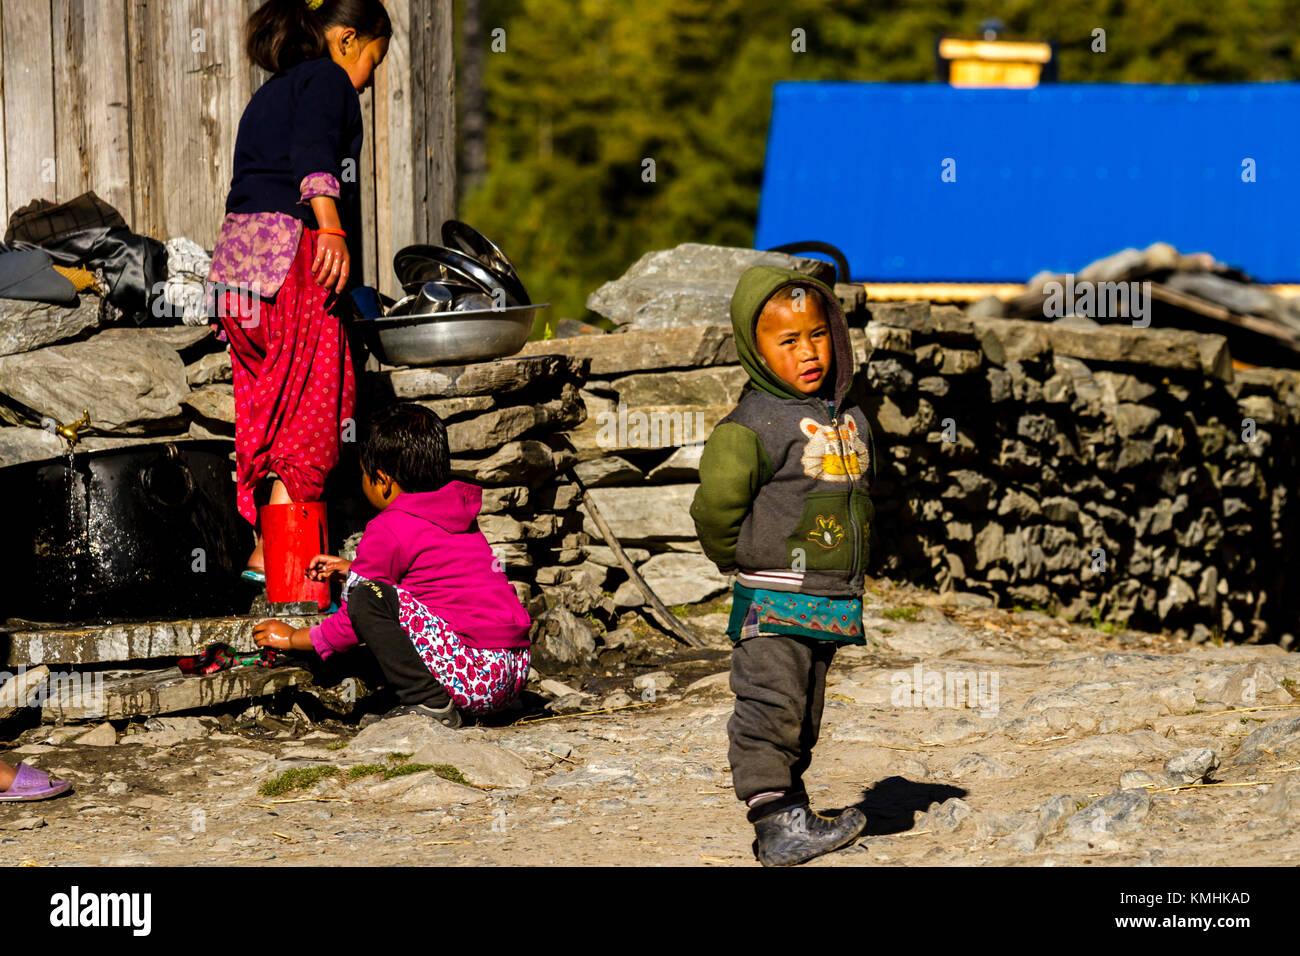 Los niños nepaleses lavando los platos cerca de su hogar. Aldea de montaña de Chame, Nepal, Himalaya. Imagen De Stock